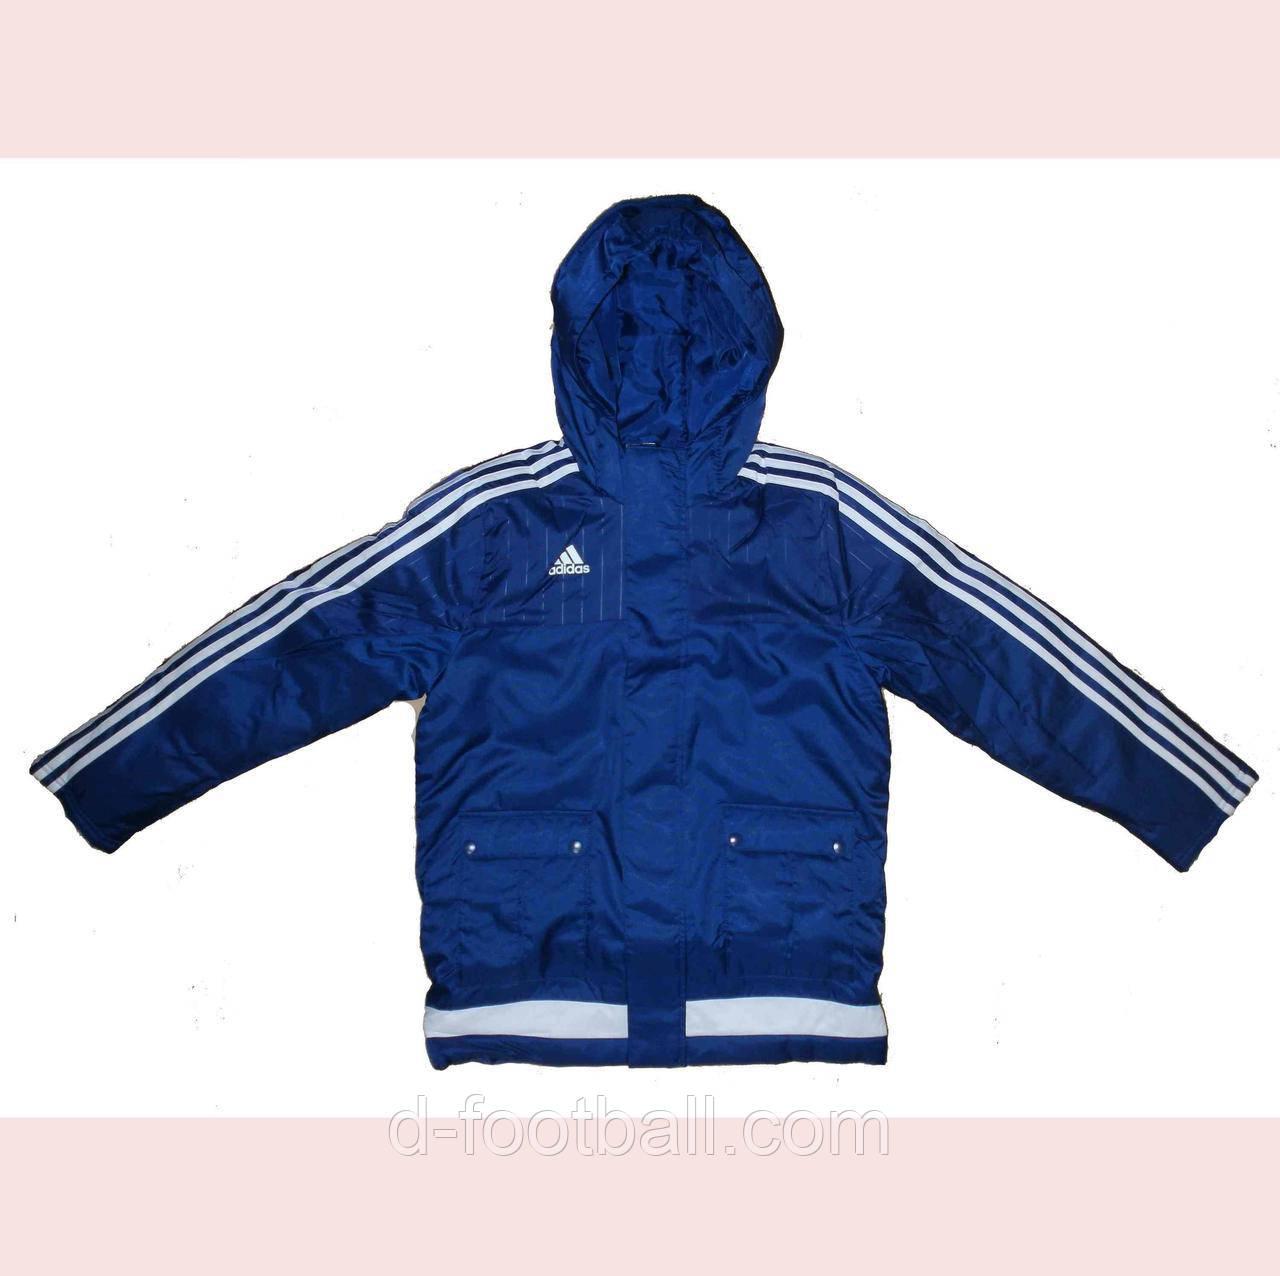 bcec95b9 Спортивная детская зимняя куртка Adidas Tiro 15 Stadium Jacket